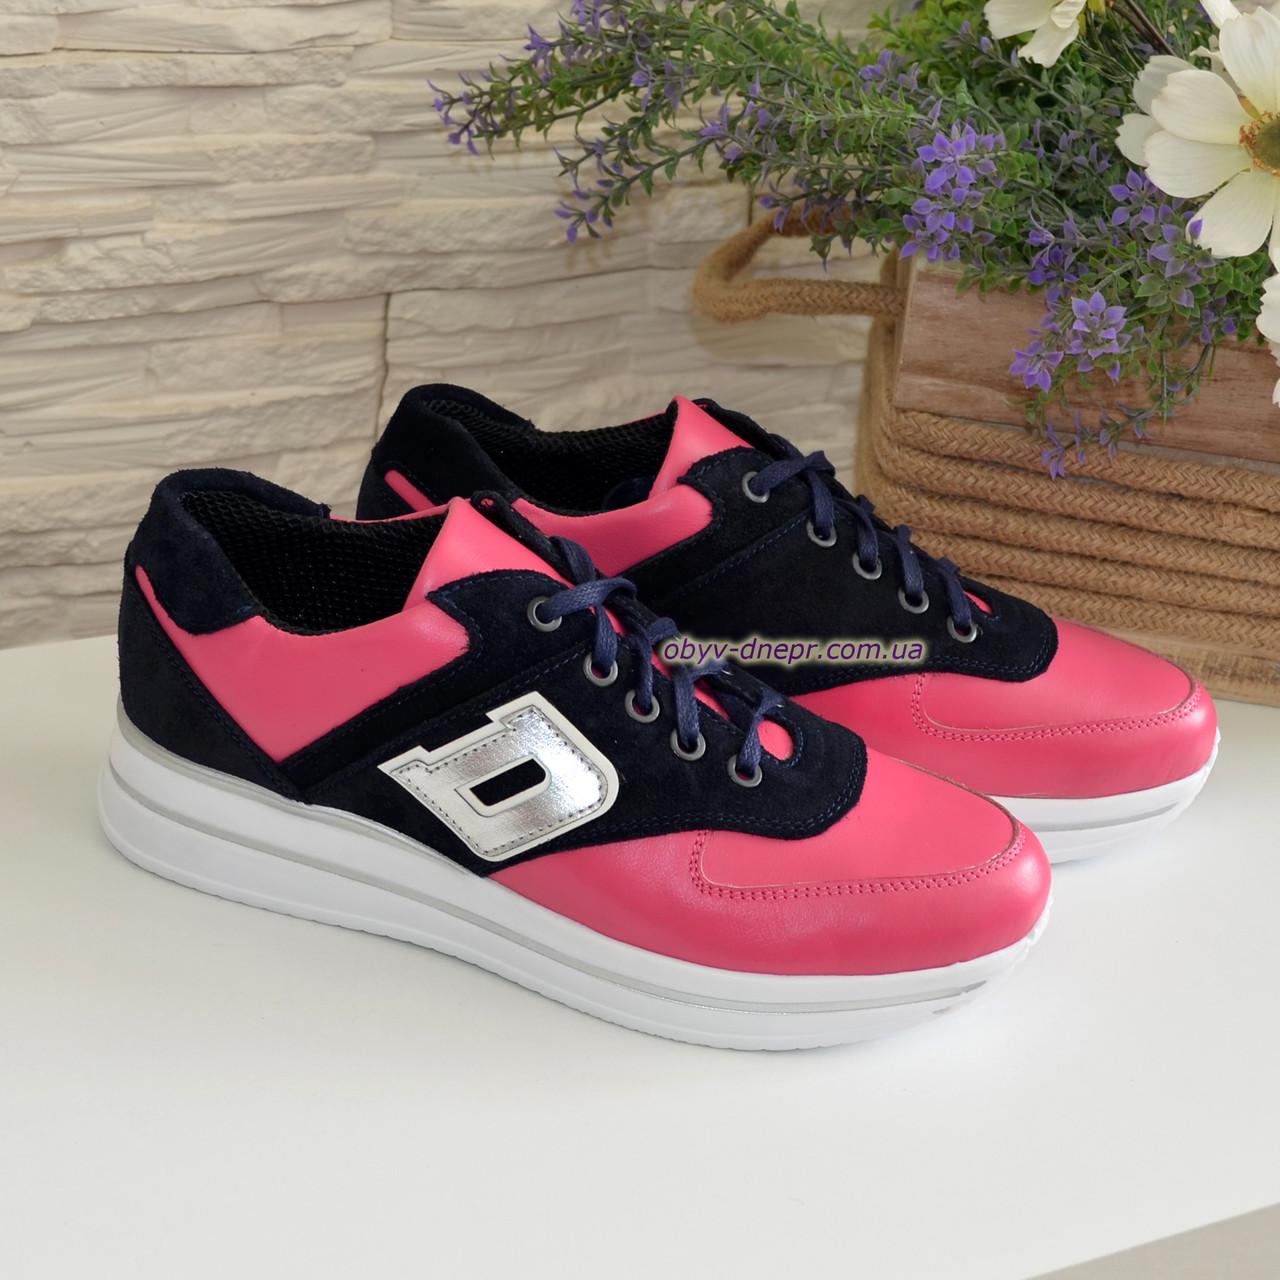 Кроссовки женские кожаные на шнуровке, цвет розовый/синий